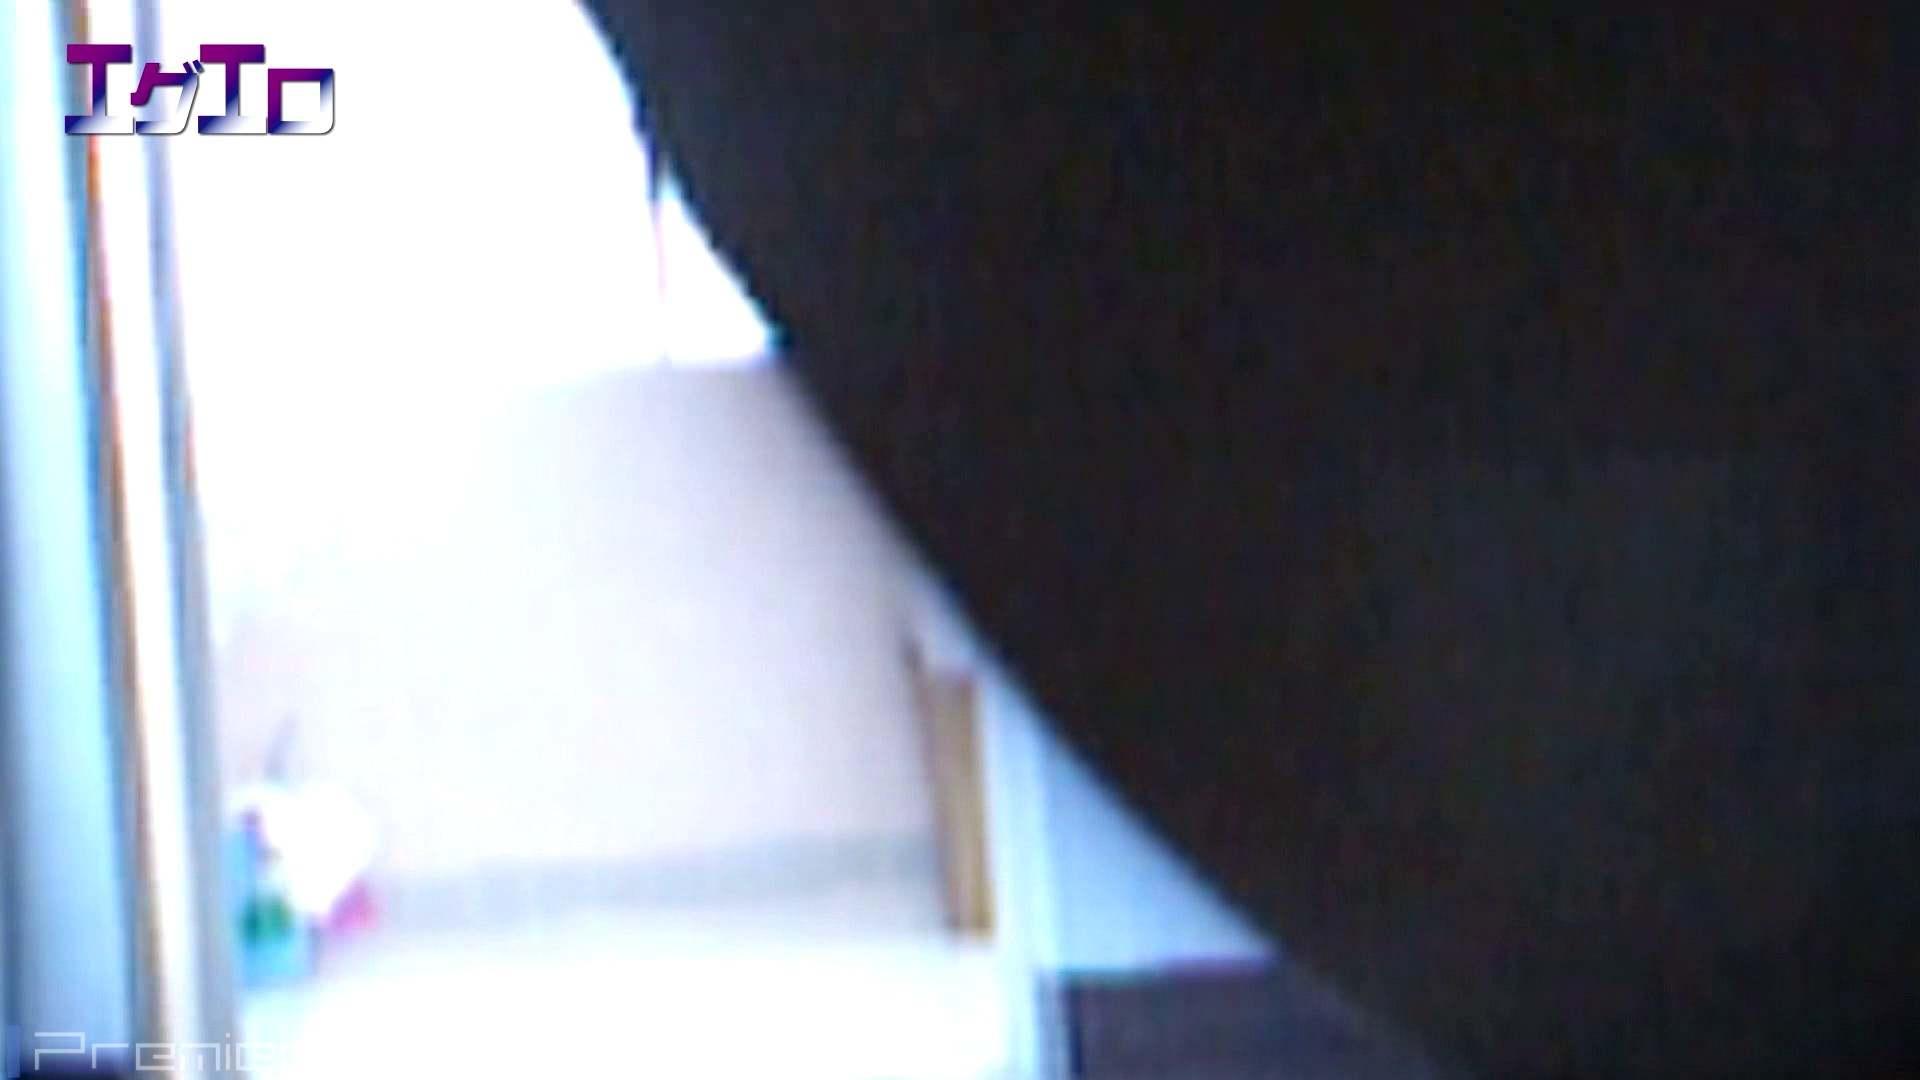 至近距離洗面所 Vol.08 美肌 すけべAV動画紹介 95枚 95